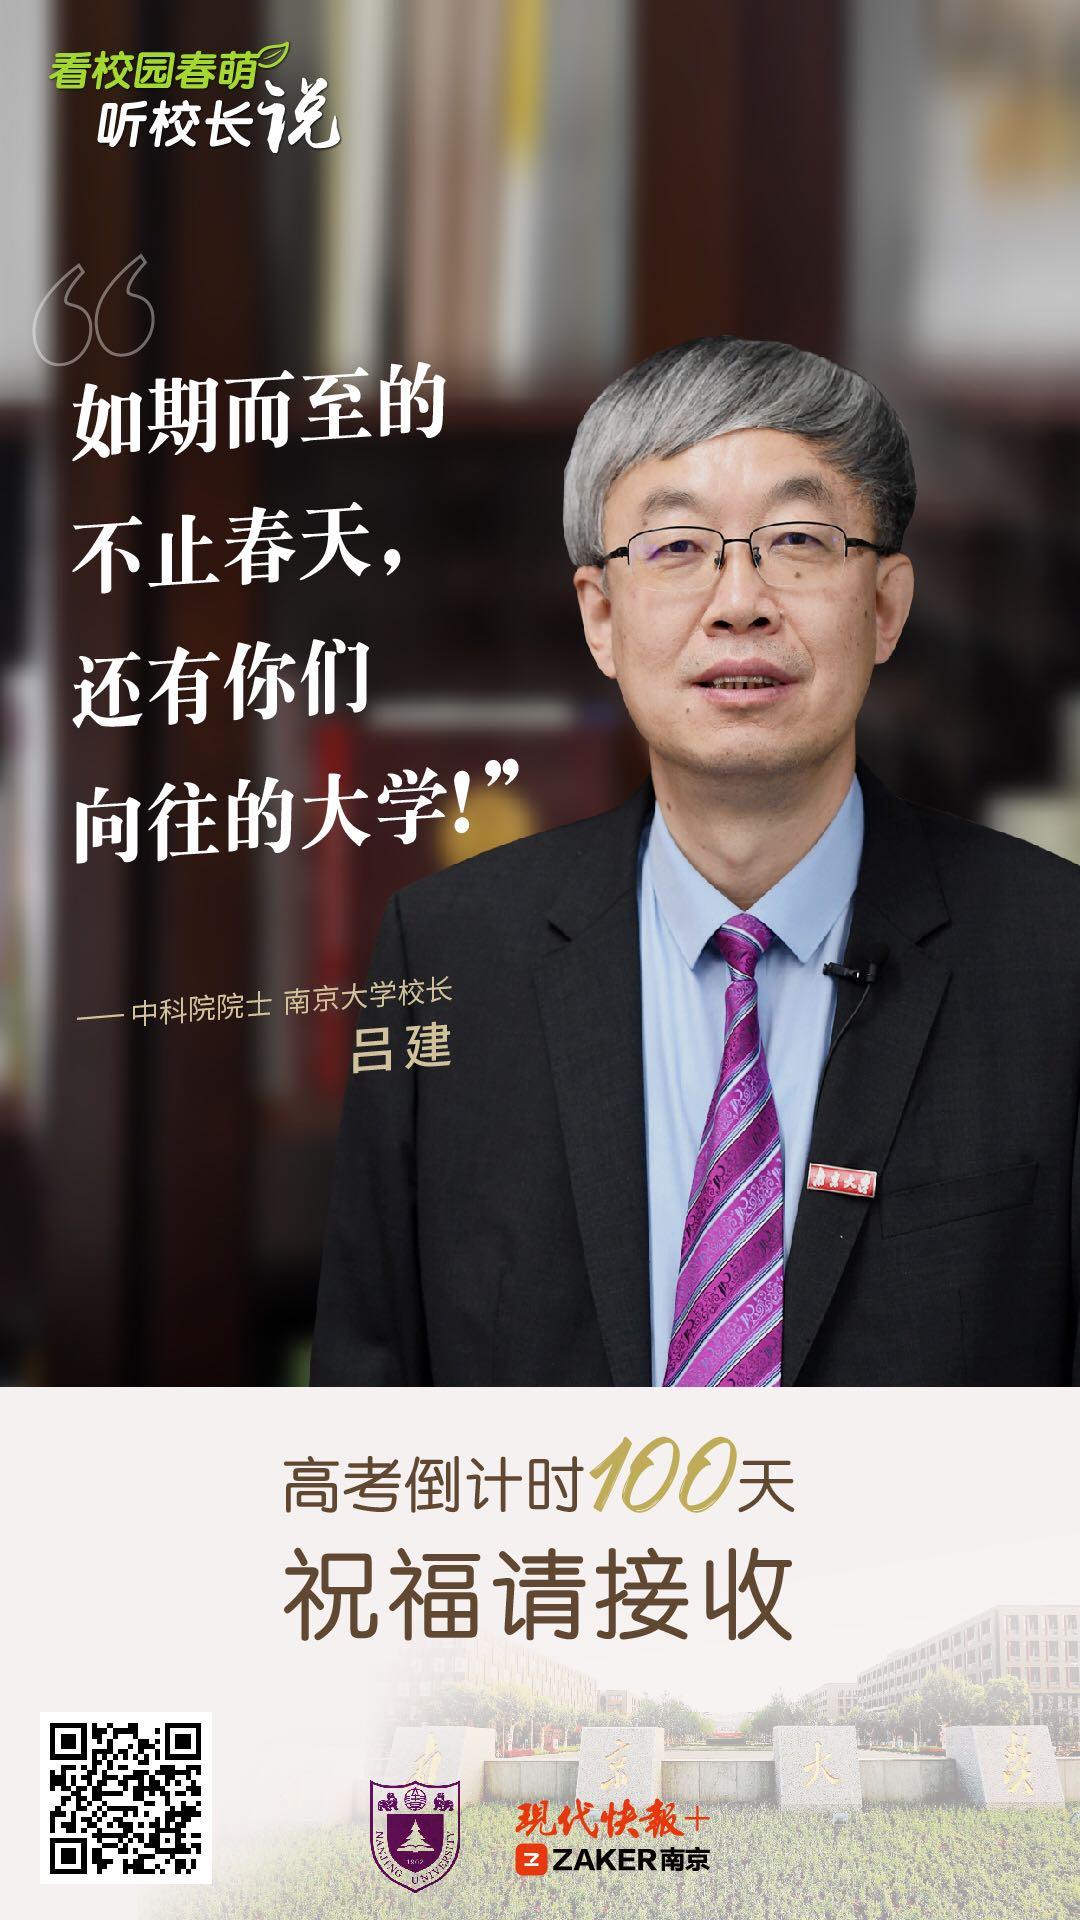 http://www.umeiwen.com/jiaoyu/1594723.html